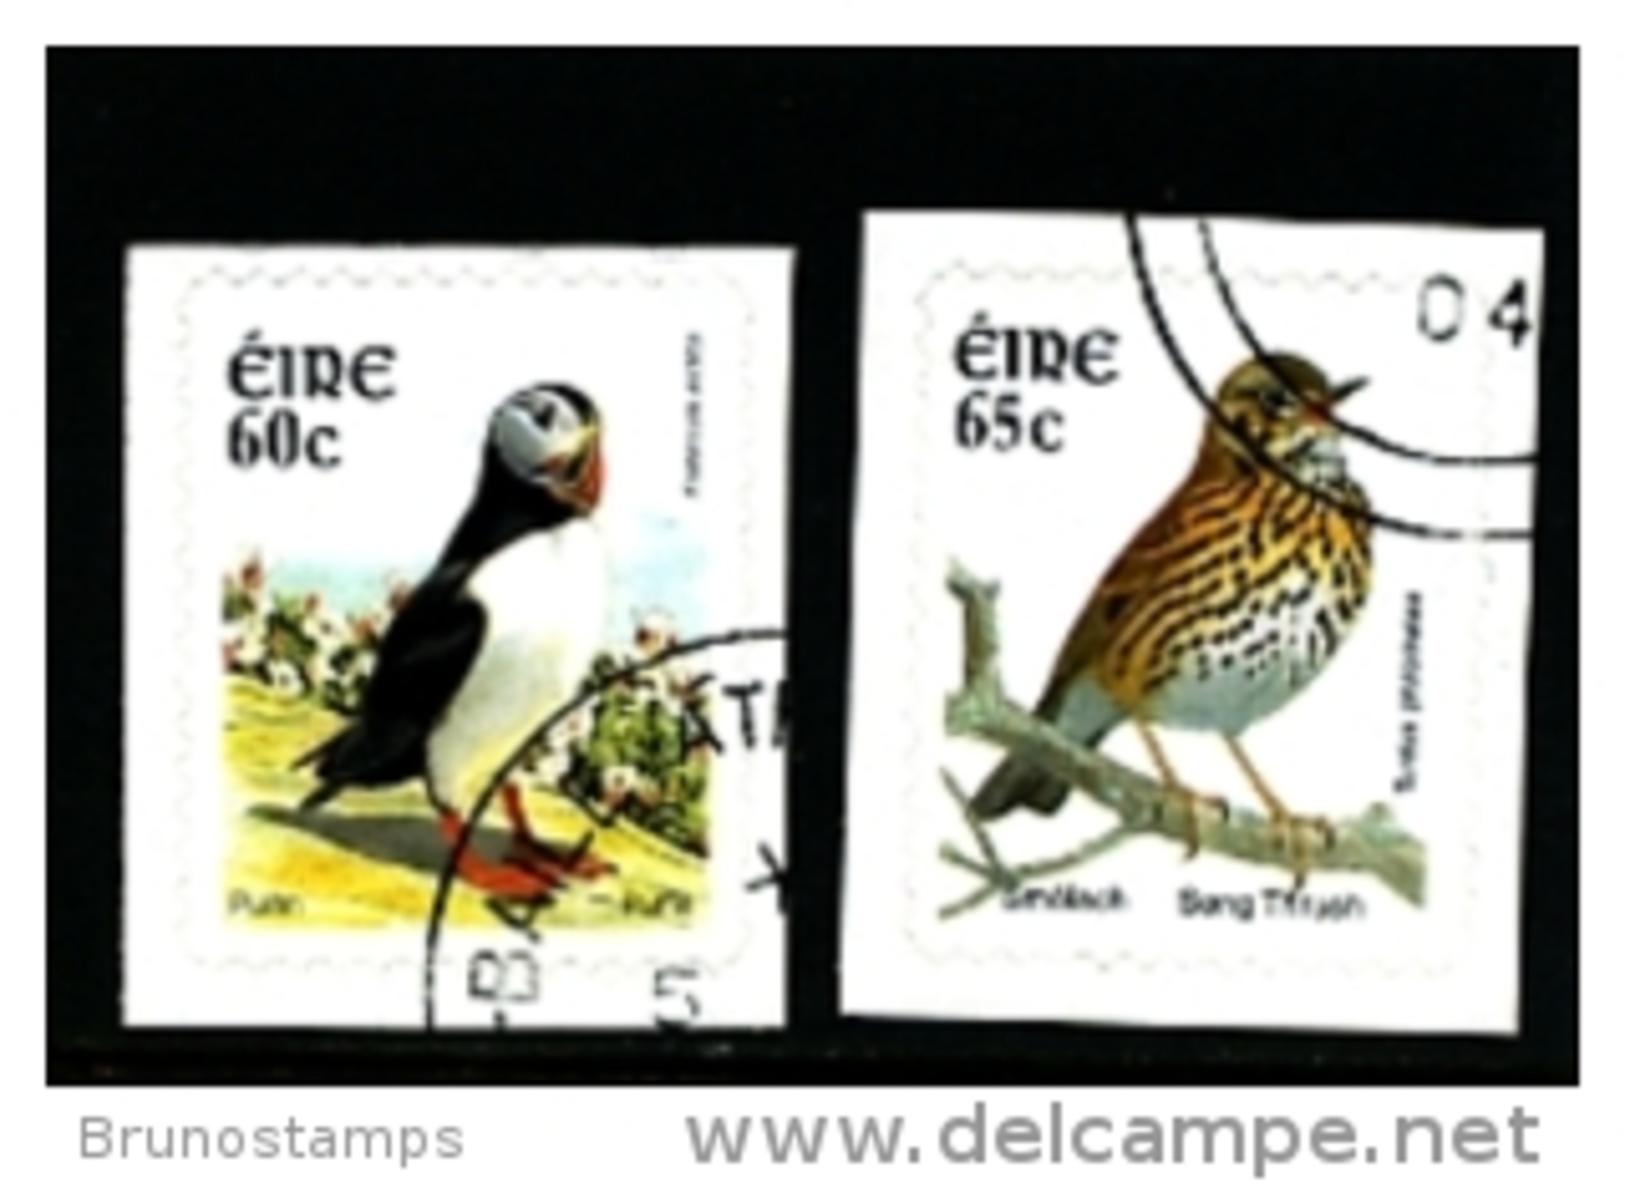 IRELAND/EIRE - 2004  BIRDS (60c. + 65c.)  SELF  ADHESIVE  SET  FINE USED - 1949-... Repubblica D'Irlanda